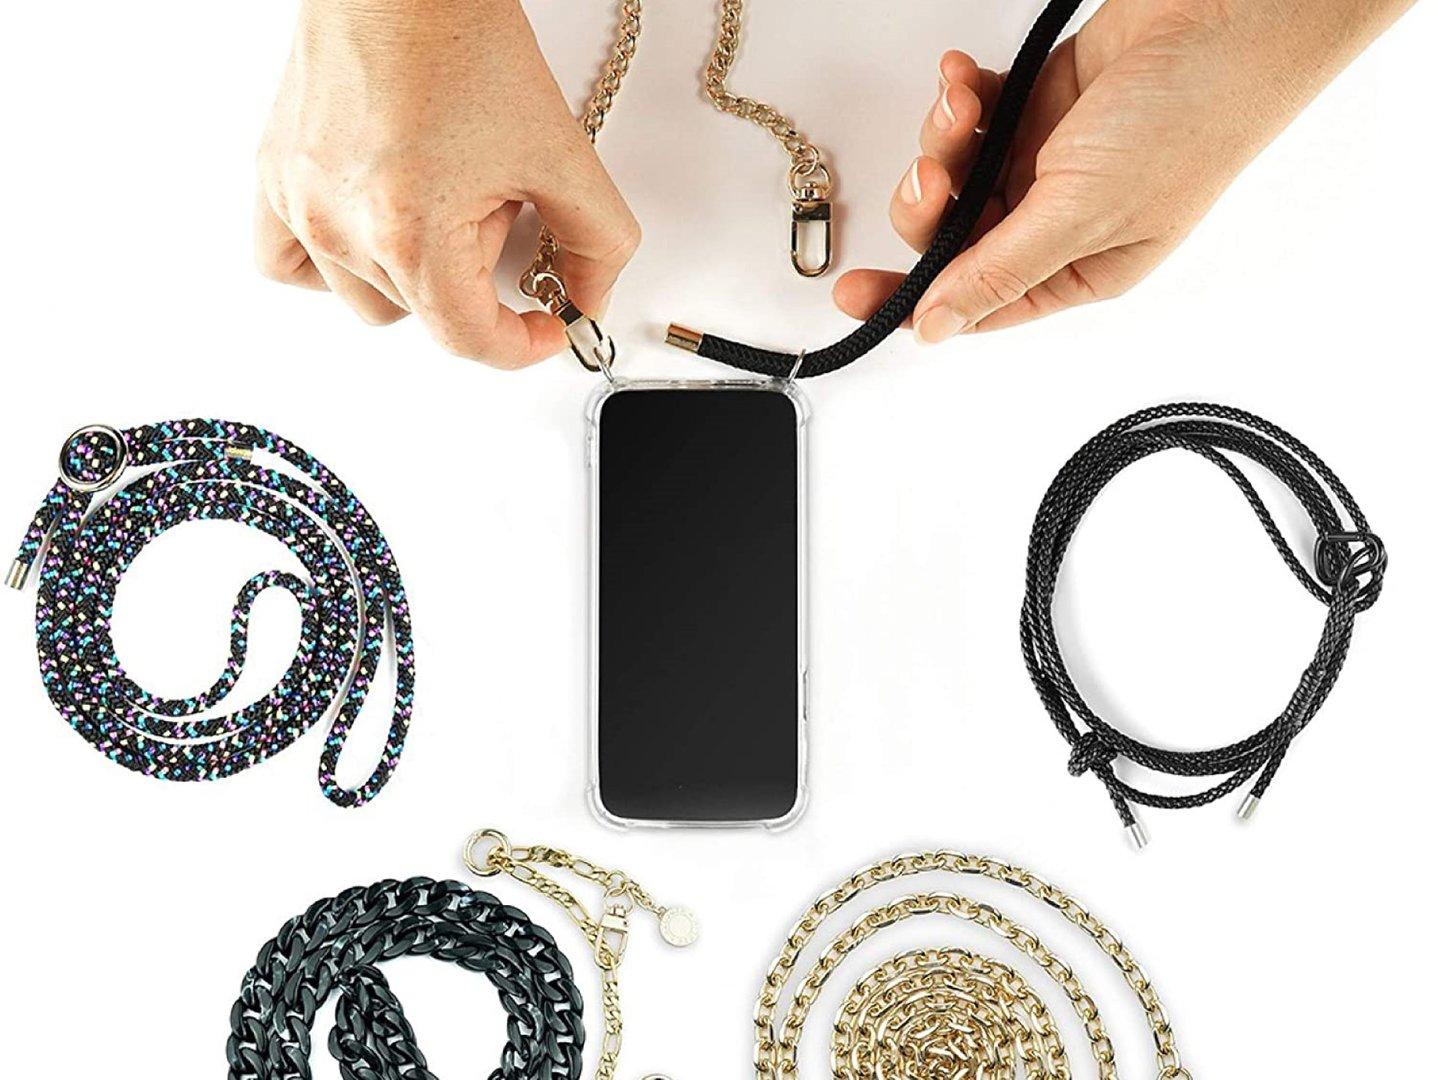 Einzelne Handykette Essence abnehmbares Handyband f\u00fcr iPhone und Samsung Handyh\u00fcllen Matcha Handyband Handykordel zum Konfiguerieren